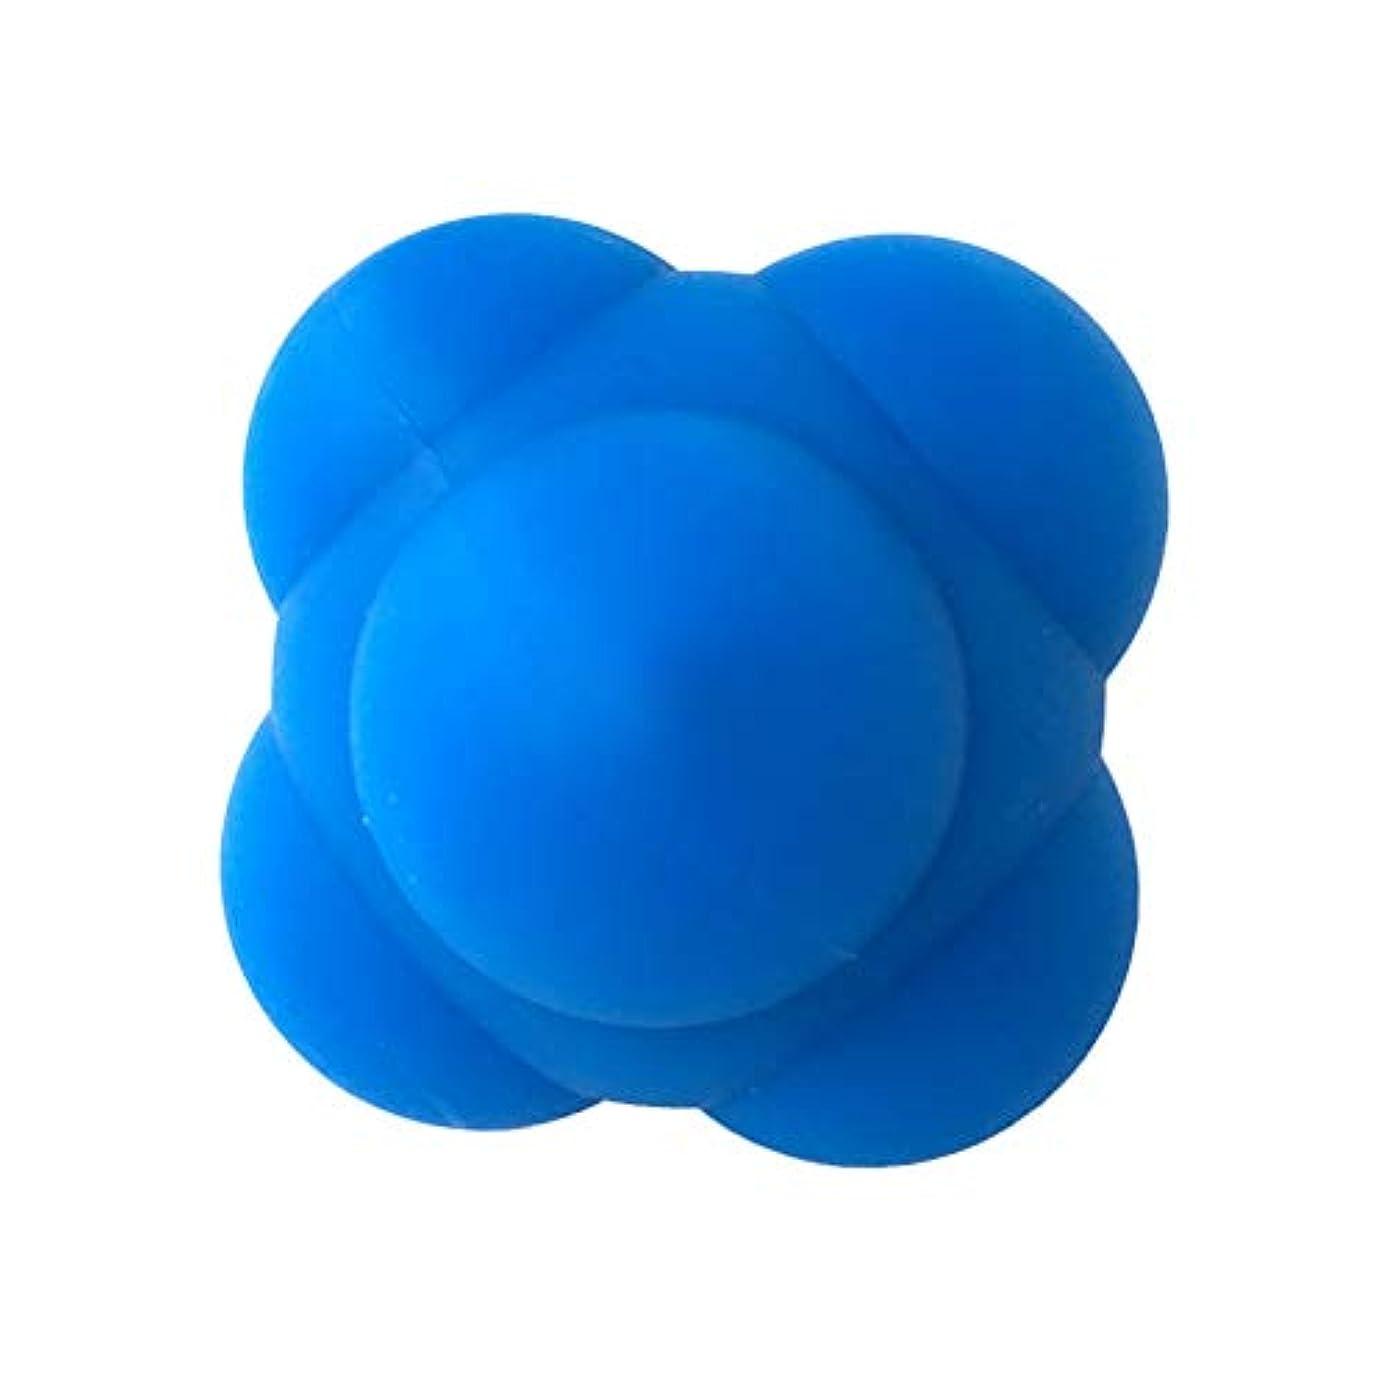 中央値バイアス年金受給者Healifty 敏捷性とスピードのためのリアクションボールハンドアイコーディネーションブルー